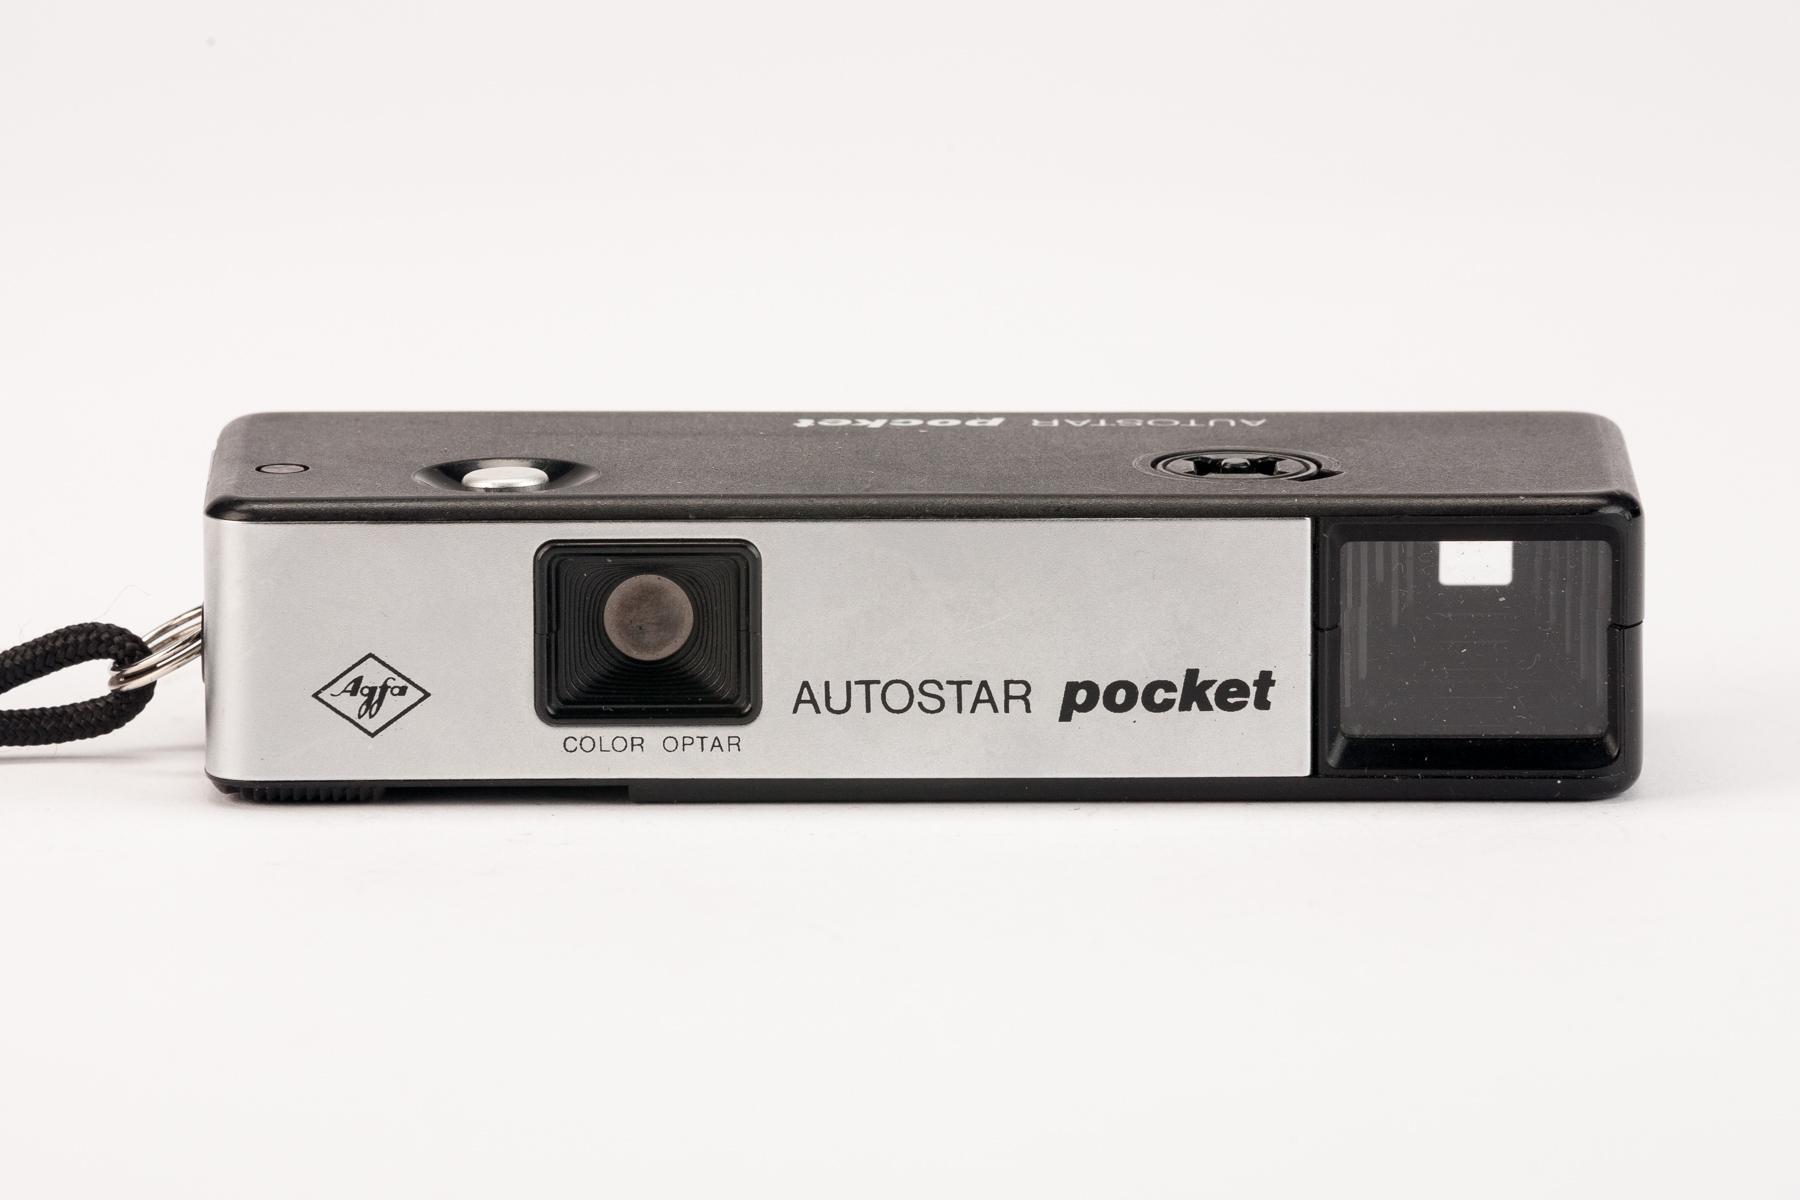 Meine erste eigene Kamera 😀 Eine Pocket Kamera von Agfa. So handlich wie heute ein Handy.